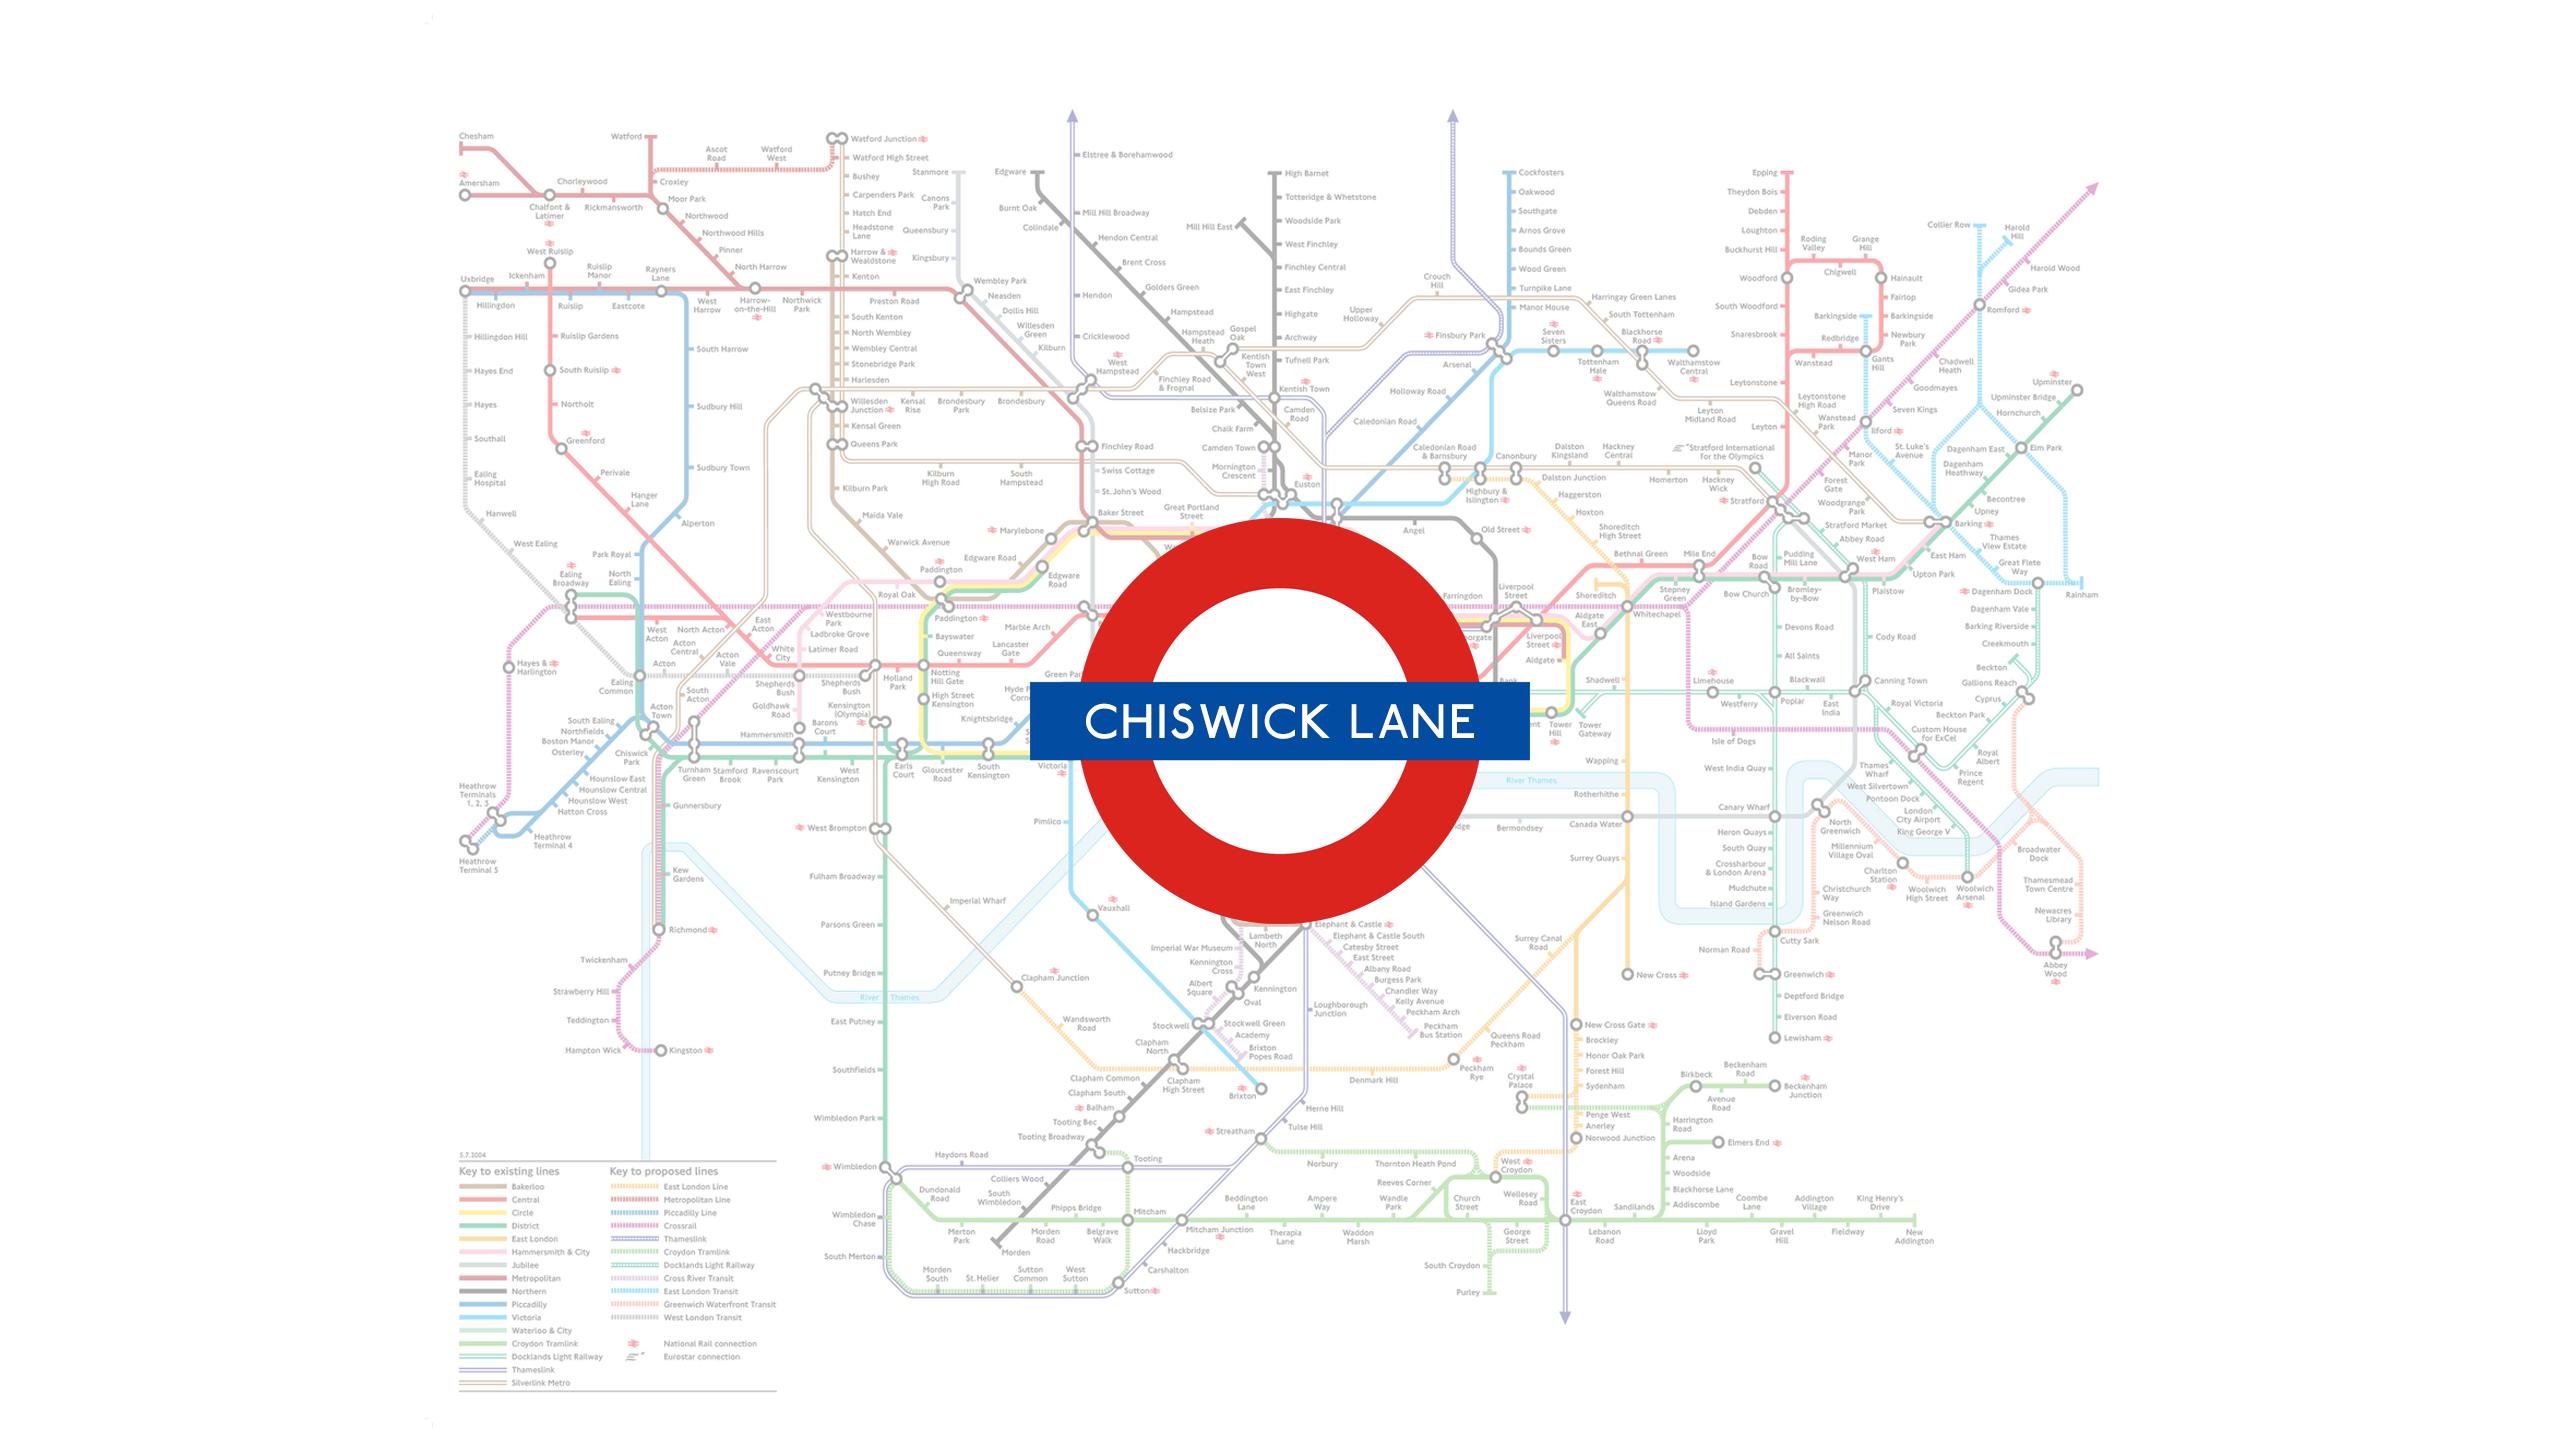 Chiswick Lane (Map)